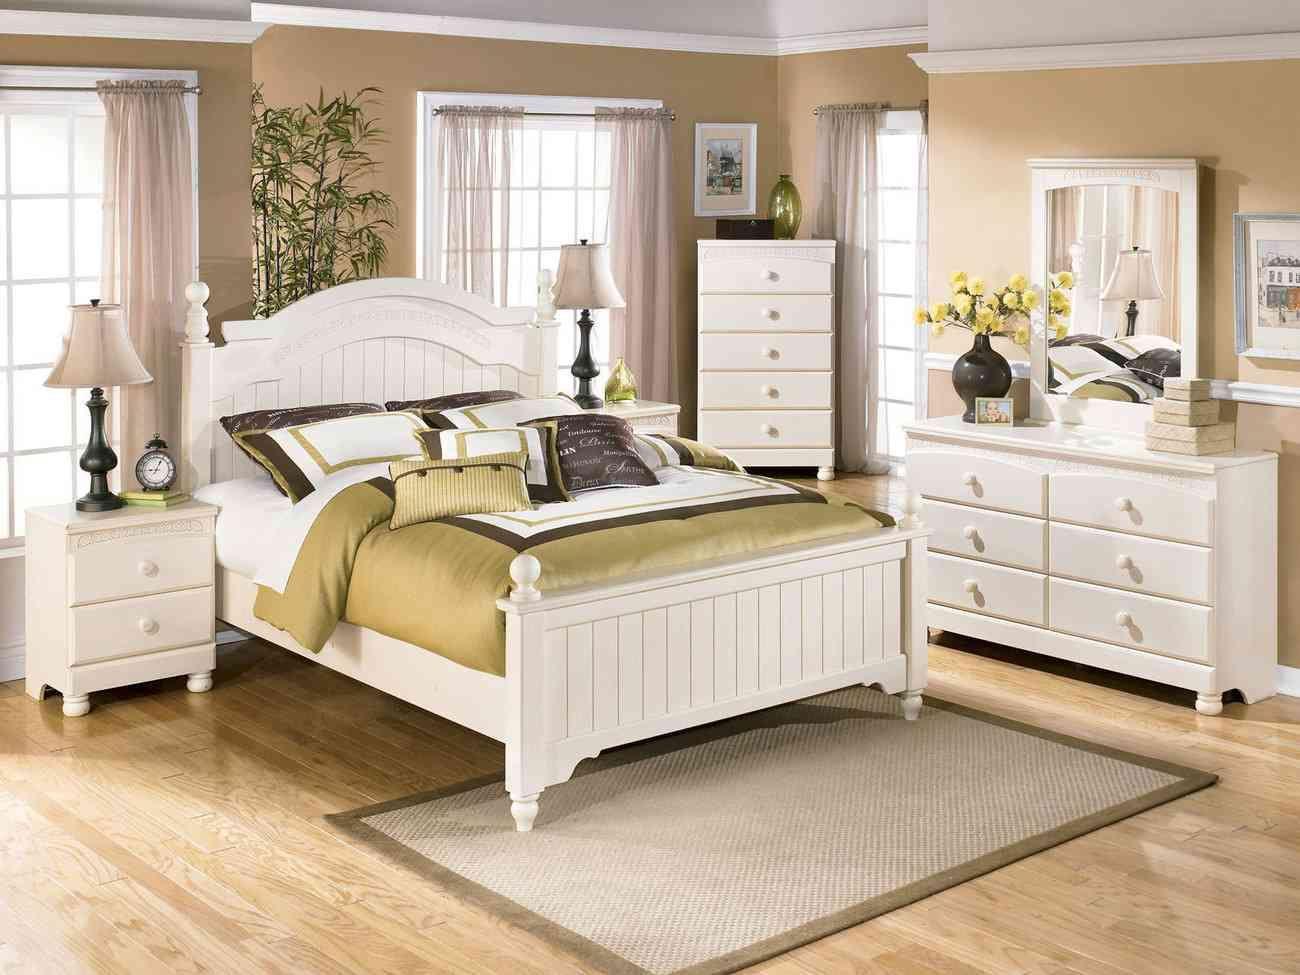 Schlafzimmer Ideen Weiße Möbel